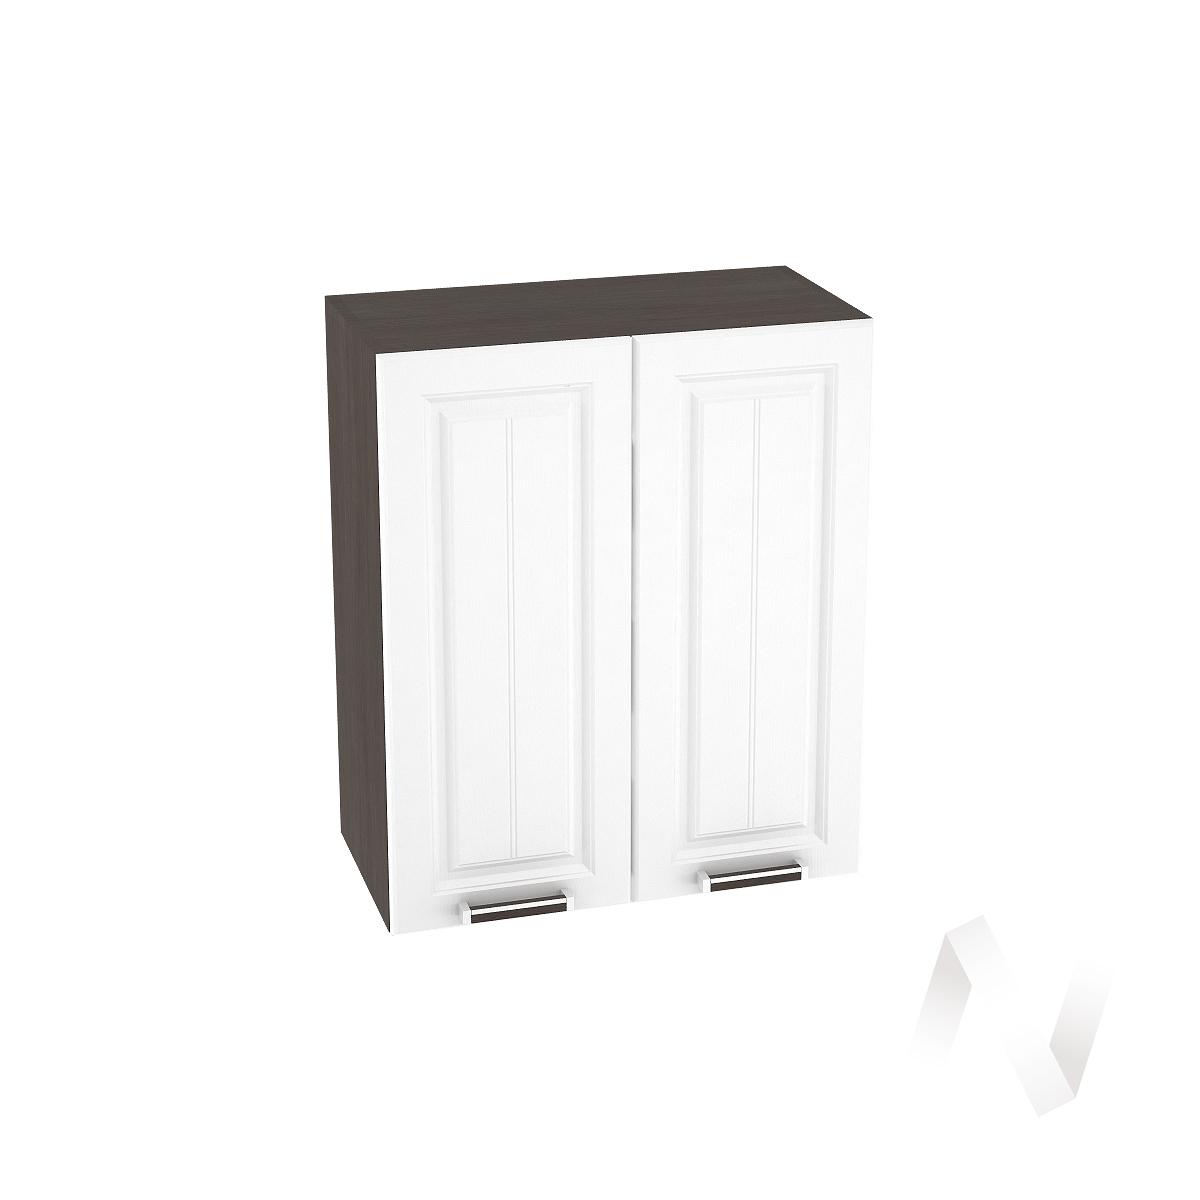 """Кухня """"Прага"""": Шкаф верхний 600, ШВ 600 (белое дерево/корпус венге)"""